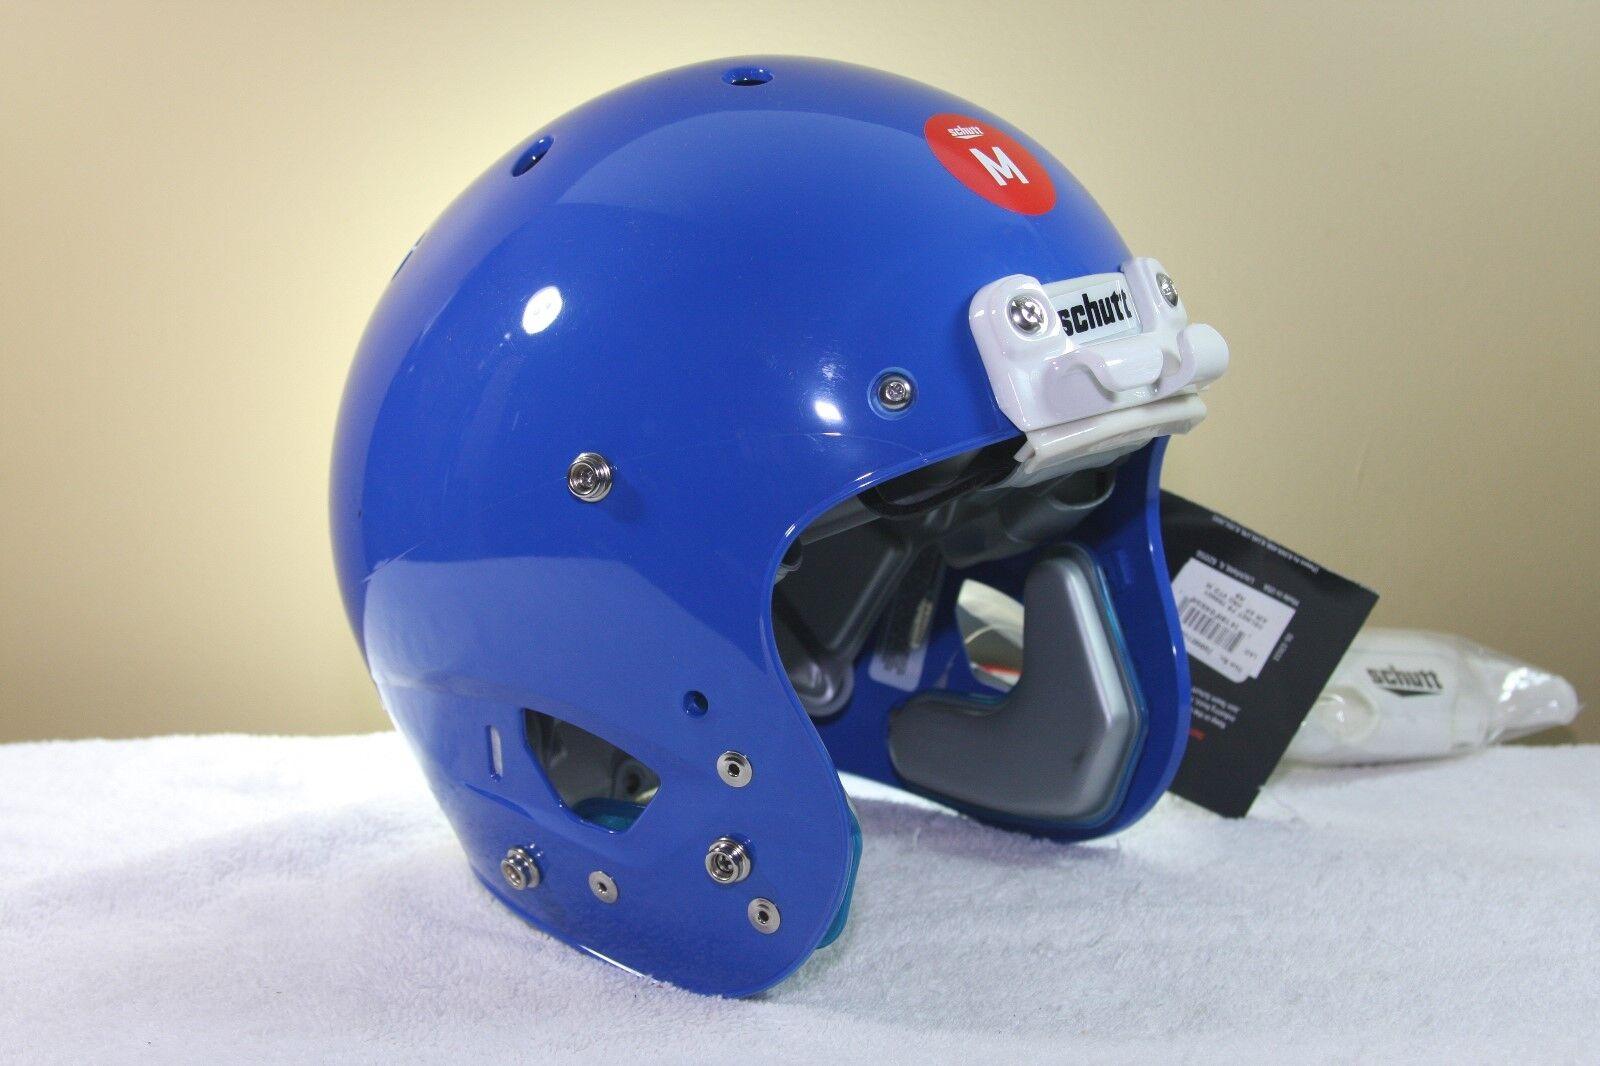 ADULT Schutt AiR XP PRO VTD Football Helmet ROYAL blueE New 2017 MEDIUM 212